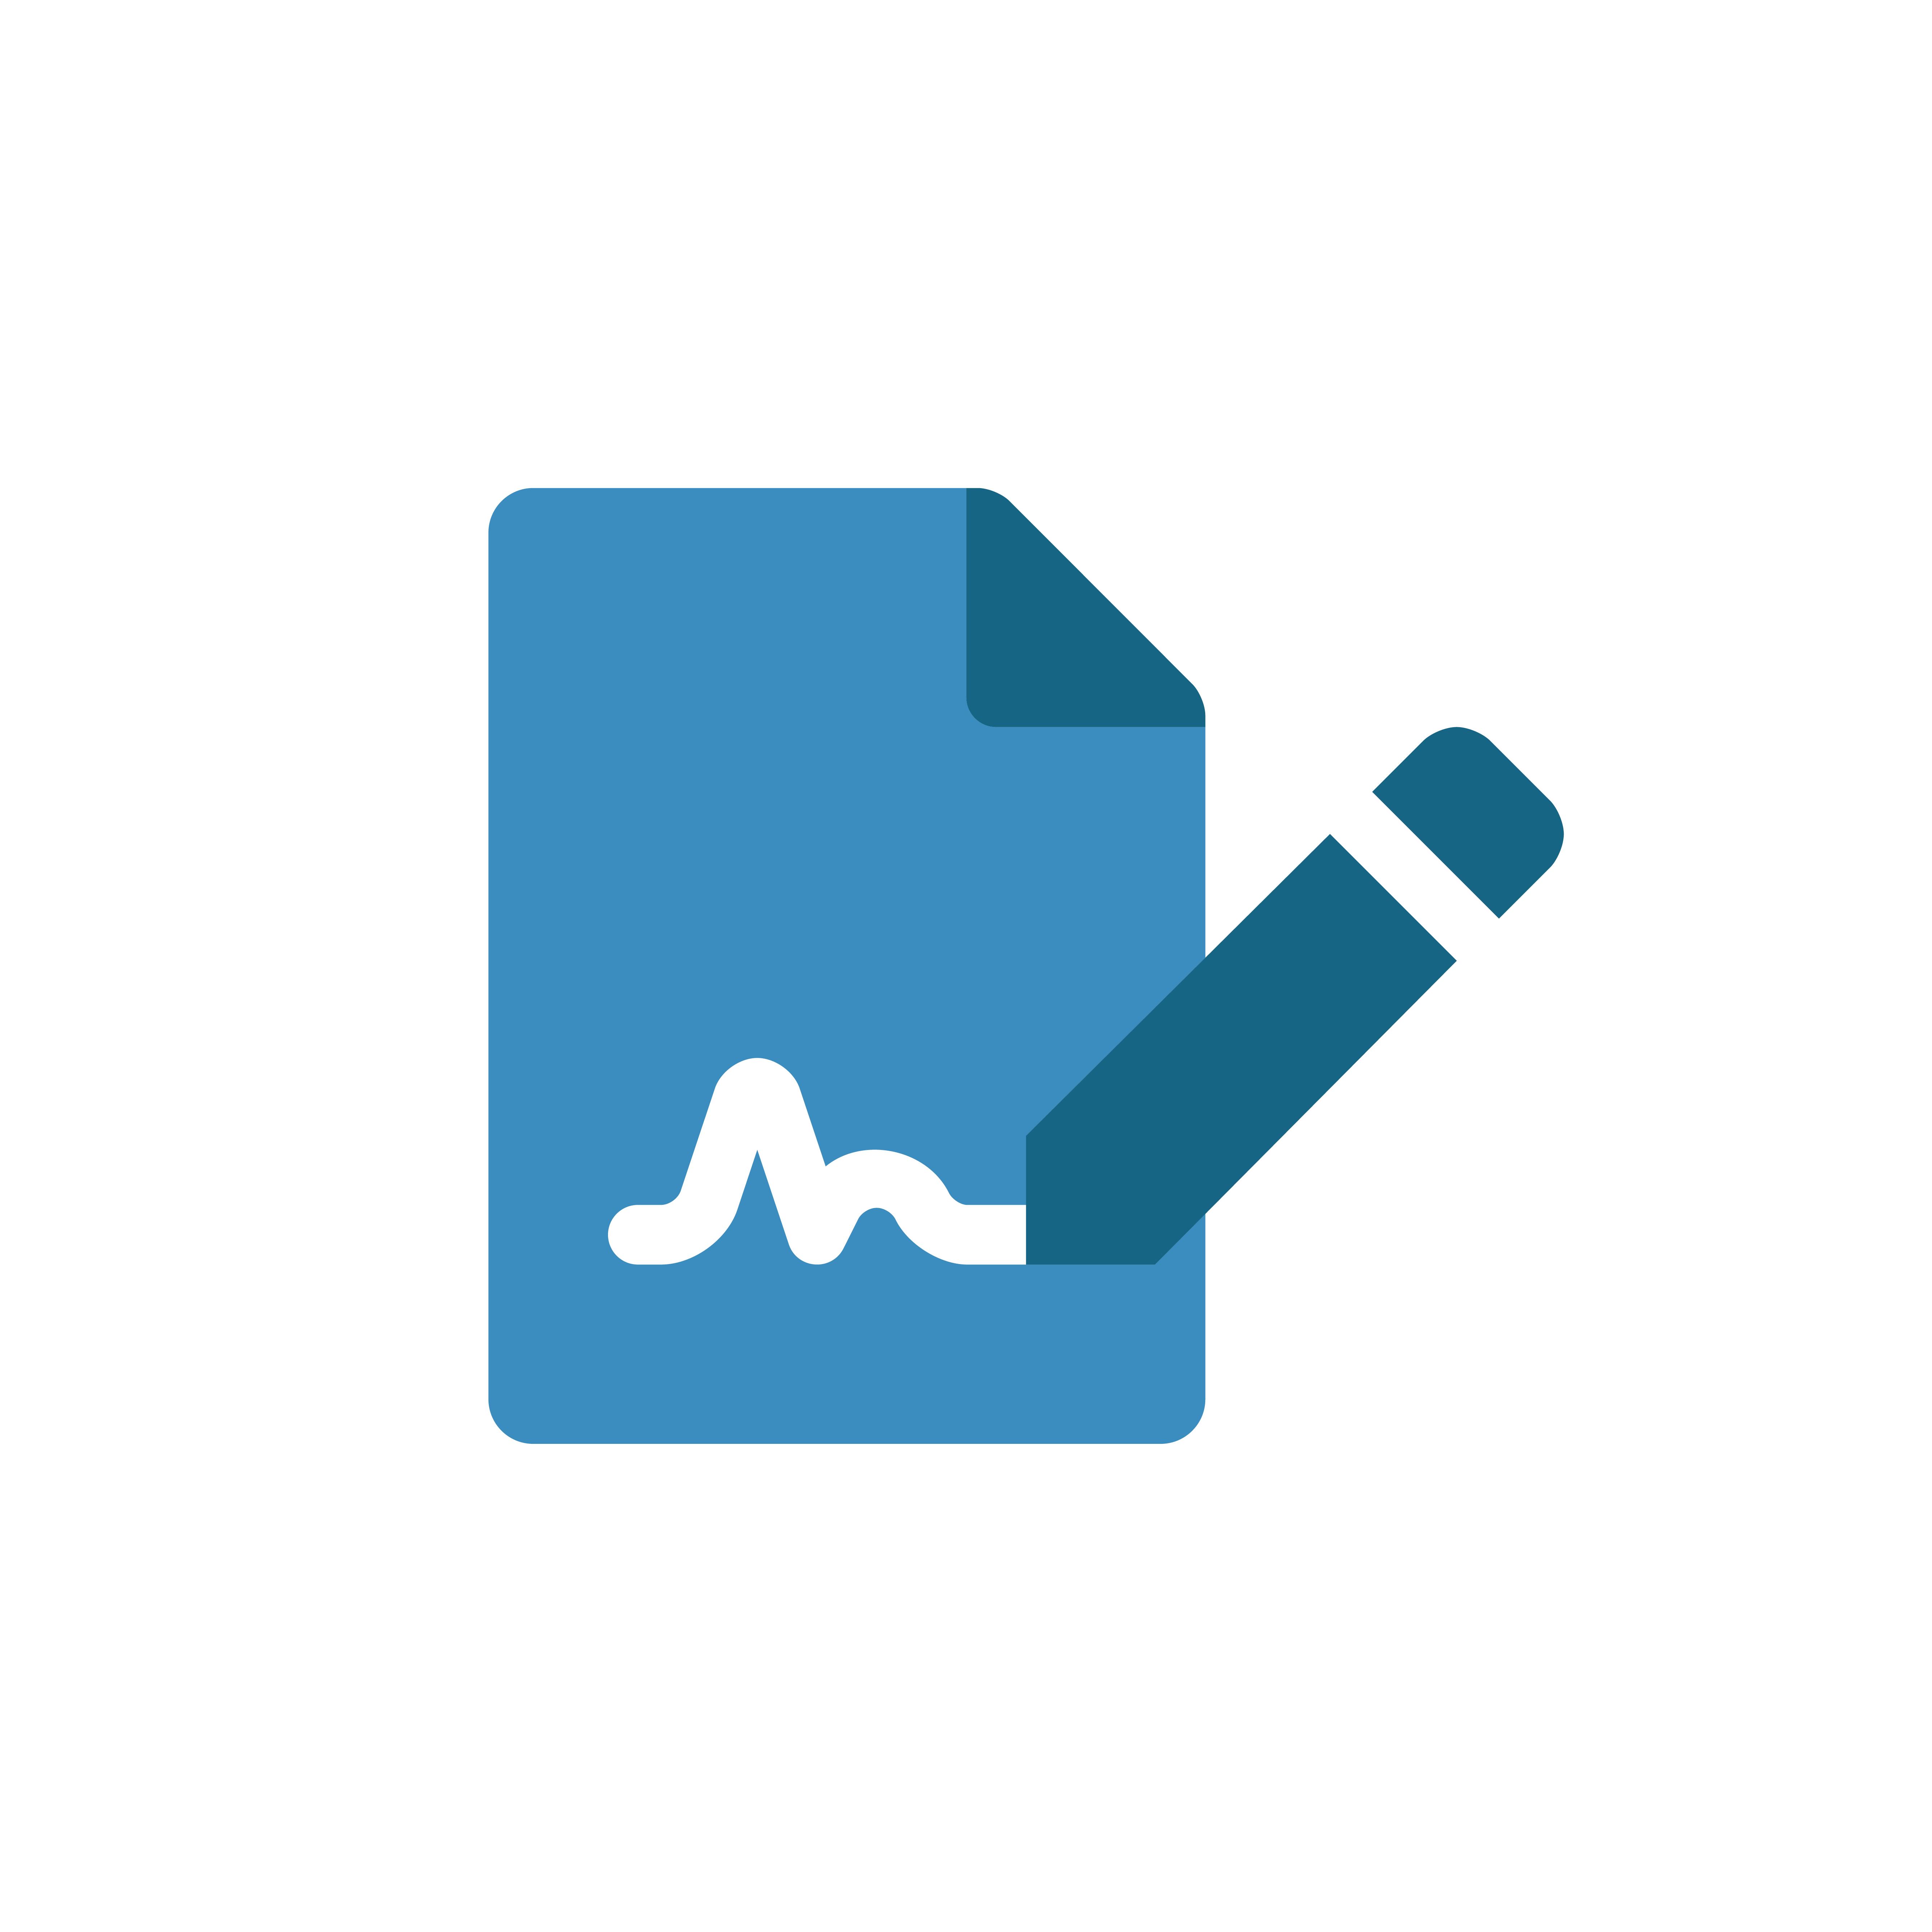 Inviare documenti al Protocollo tramite la Posta Elettronica Certificata